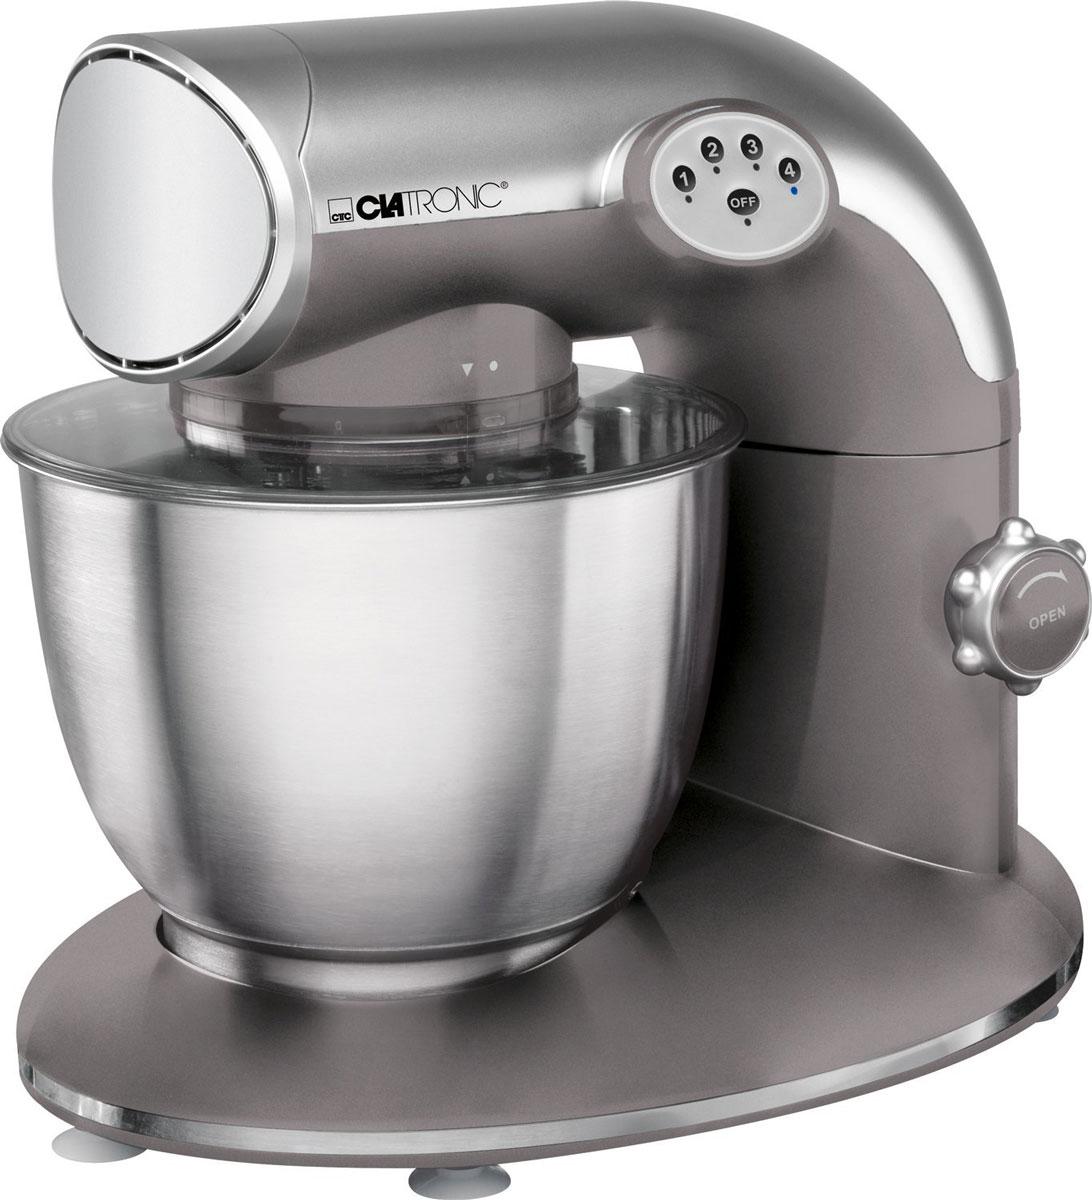 Clatronic KM 3632 Titan, кухонный комбайнKM 3632 titanКухонный комбайн Clatronic KM 3632 станет прекрасным помощником для любой хозяйки С ним вы сможете готовить невероятно вкусные и аппетитные блюда, при этом сократив время их приготовление. Основным назначением прибора является изготовление различных видов теста и кремов. Комбайн качественно и быстро перемешивает различные ингредиенты, что дает возможность избежать комочков. Clatronic KM 3632 снабжен чашей из нержавеющей стали и механической системой управления. 4 скорости замешивания обеспечат наилучший результат.